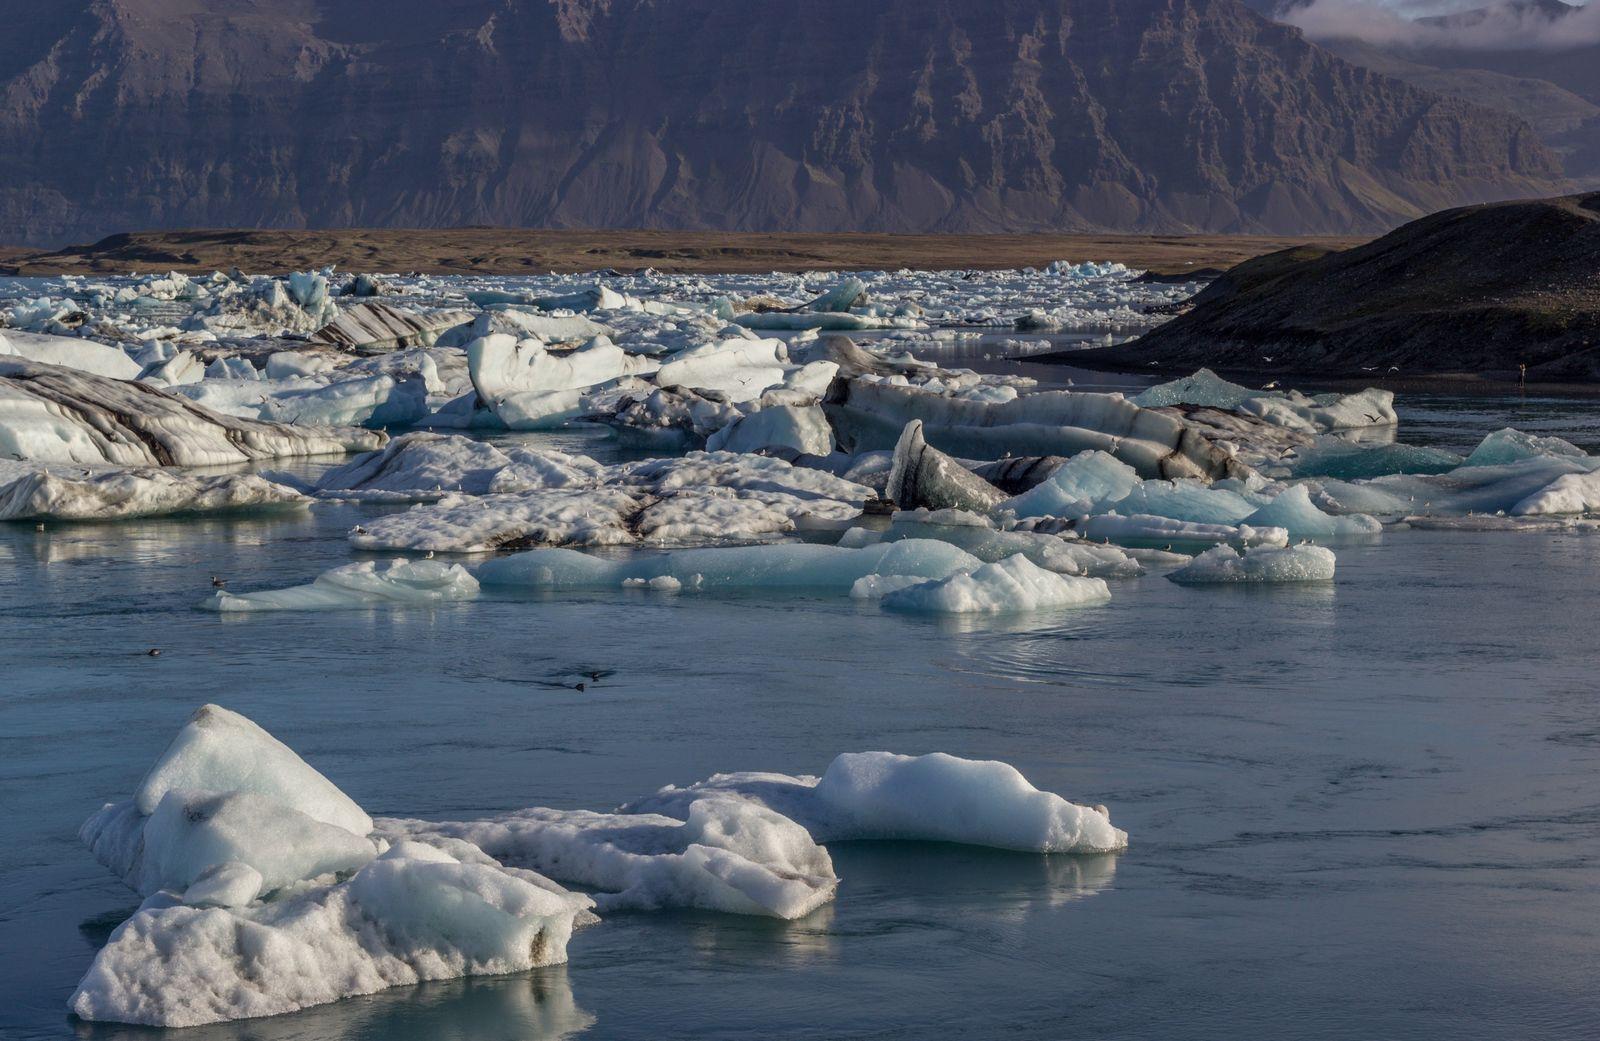 Gaviotas y focas campando a sus anchas